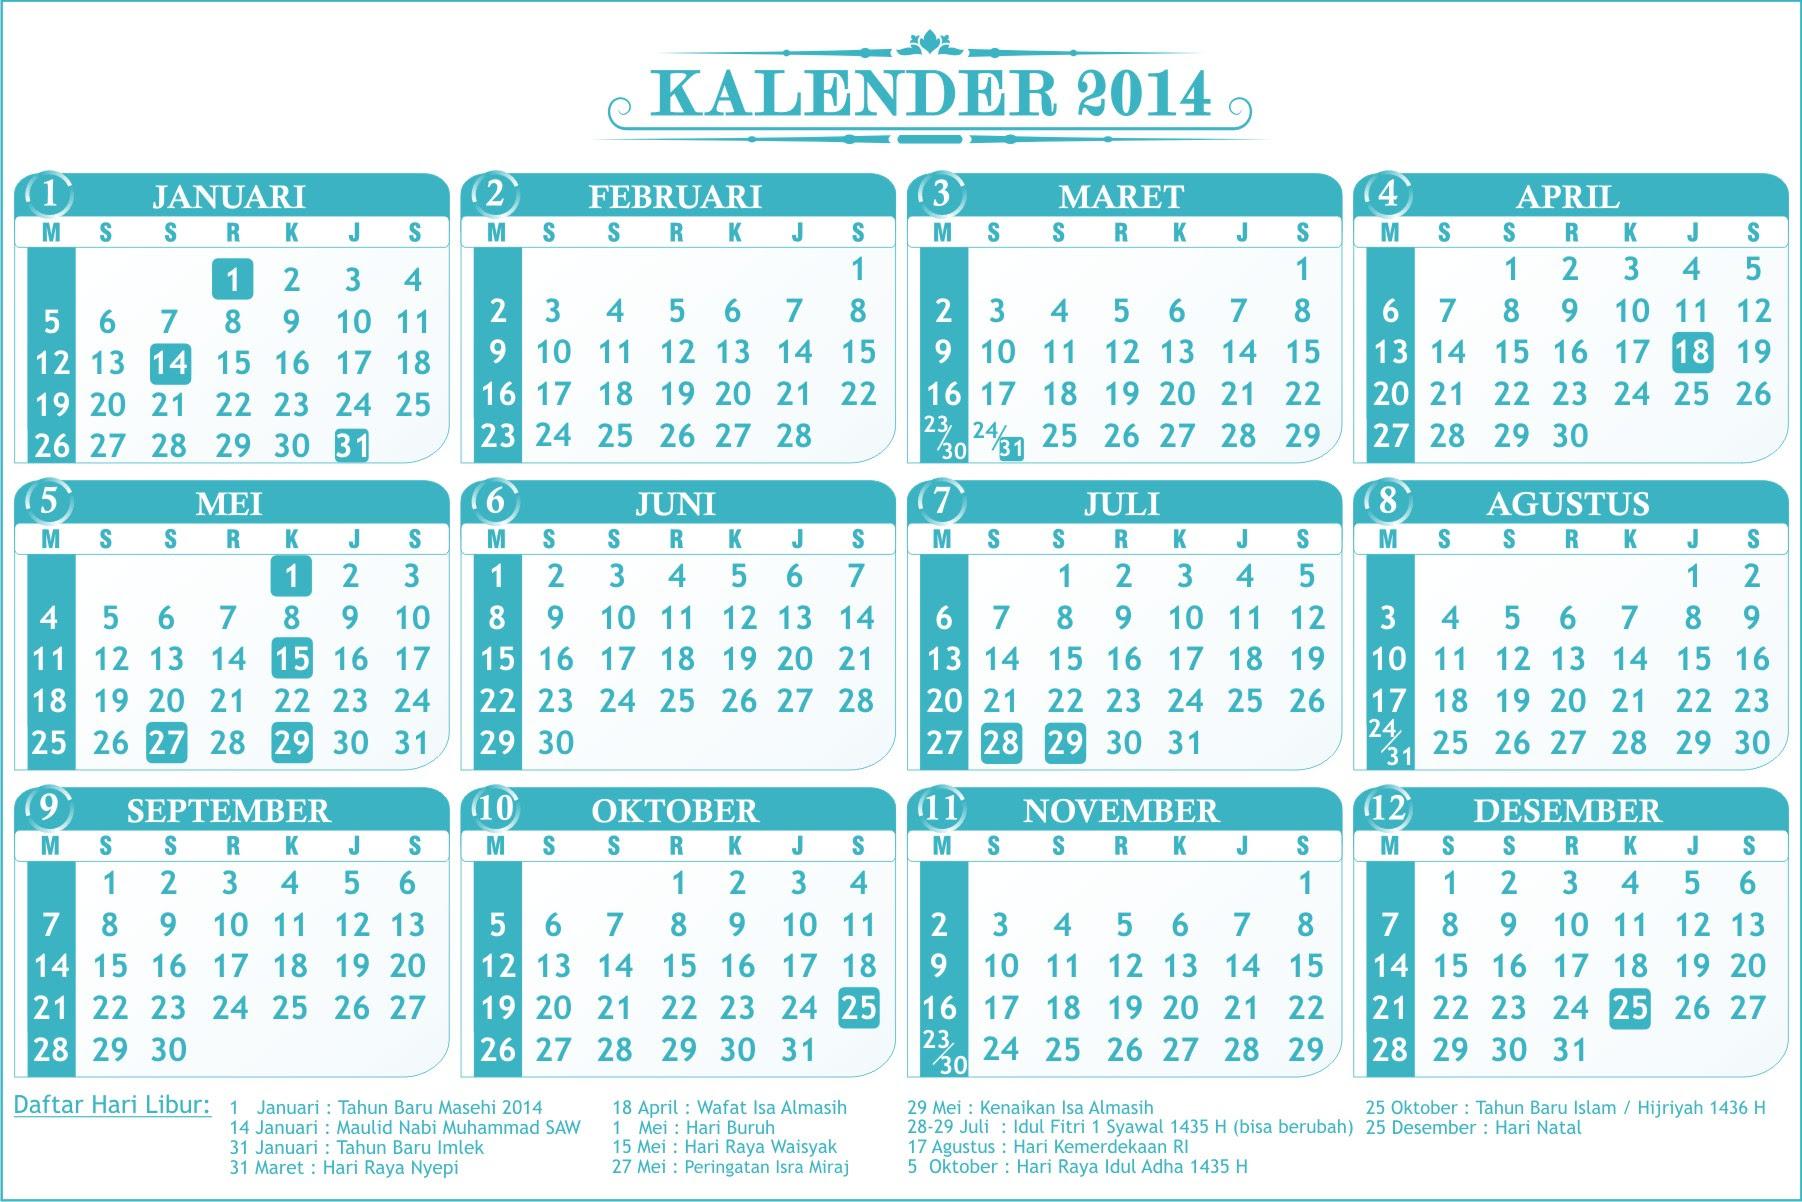 Kalender 2017 Lengkap Dengan Hari Libur Search Results